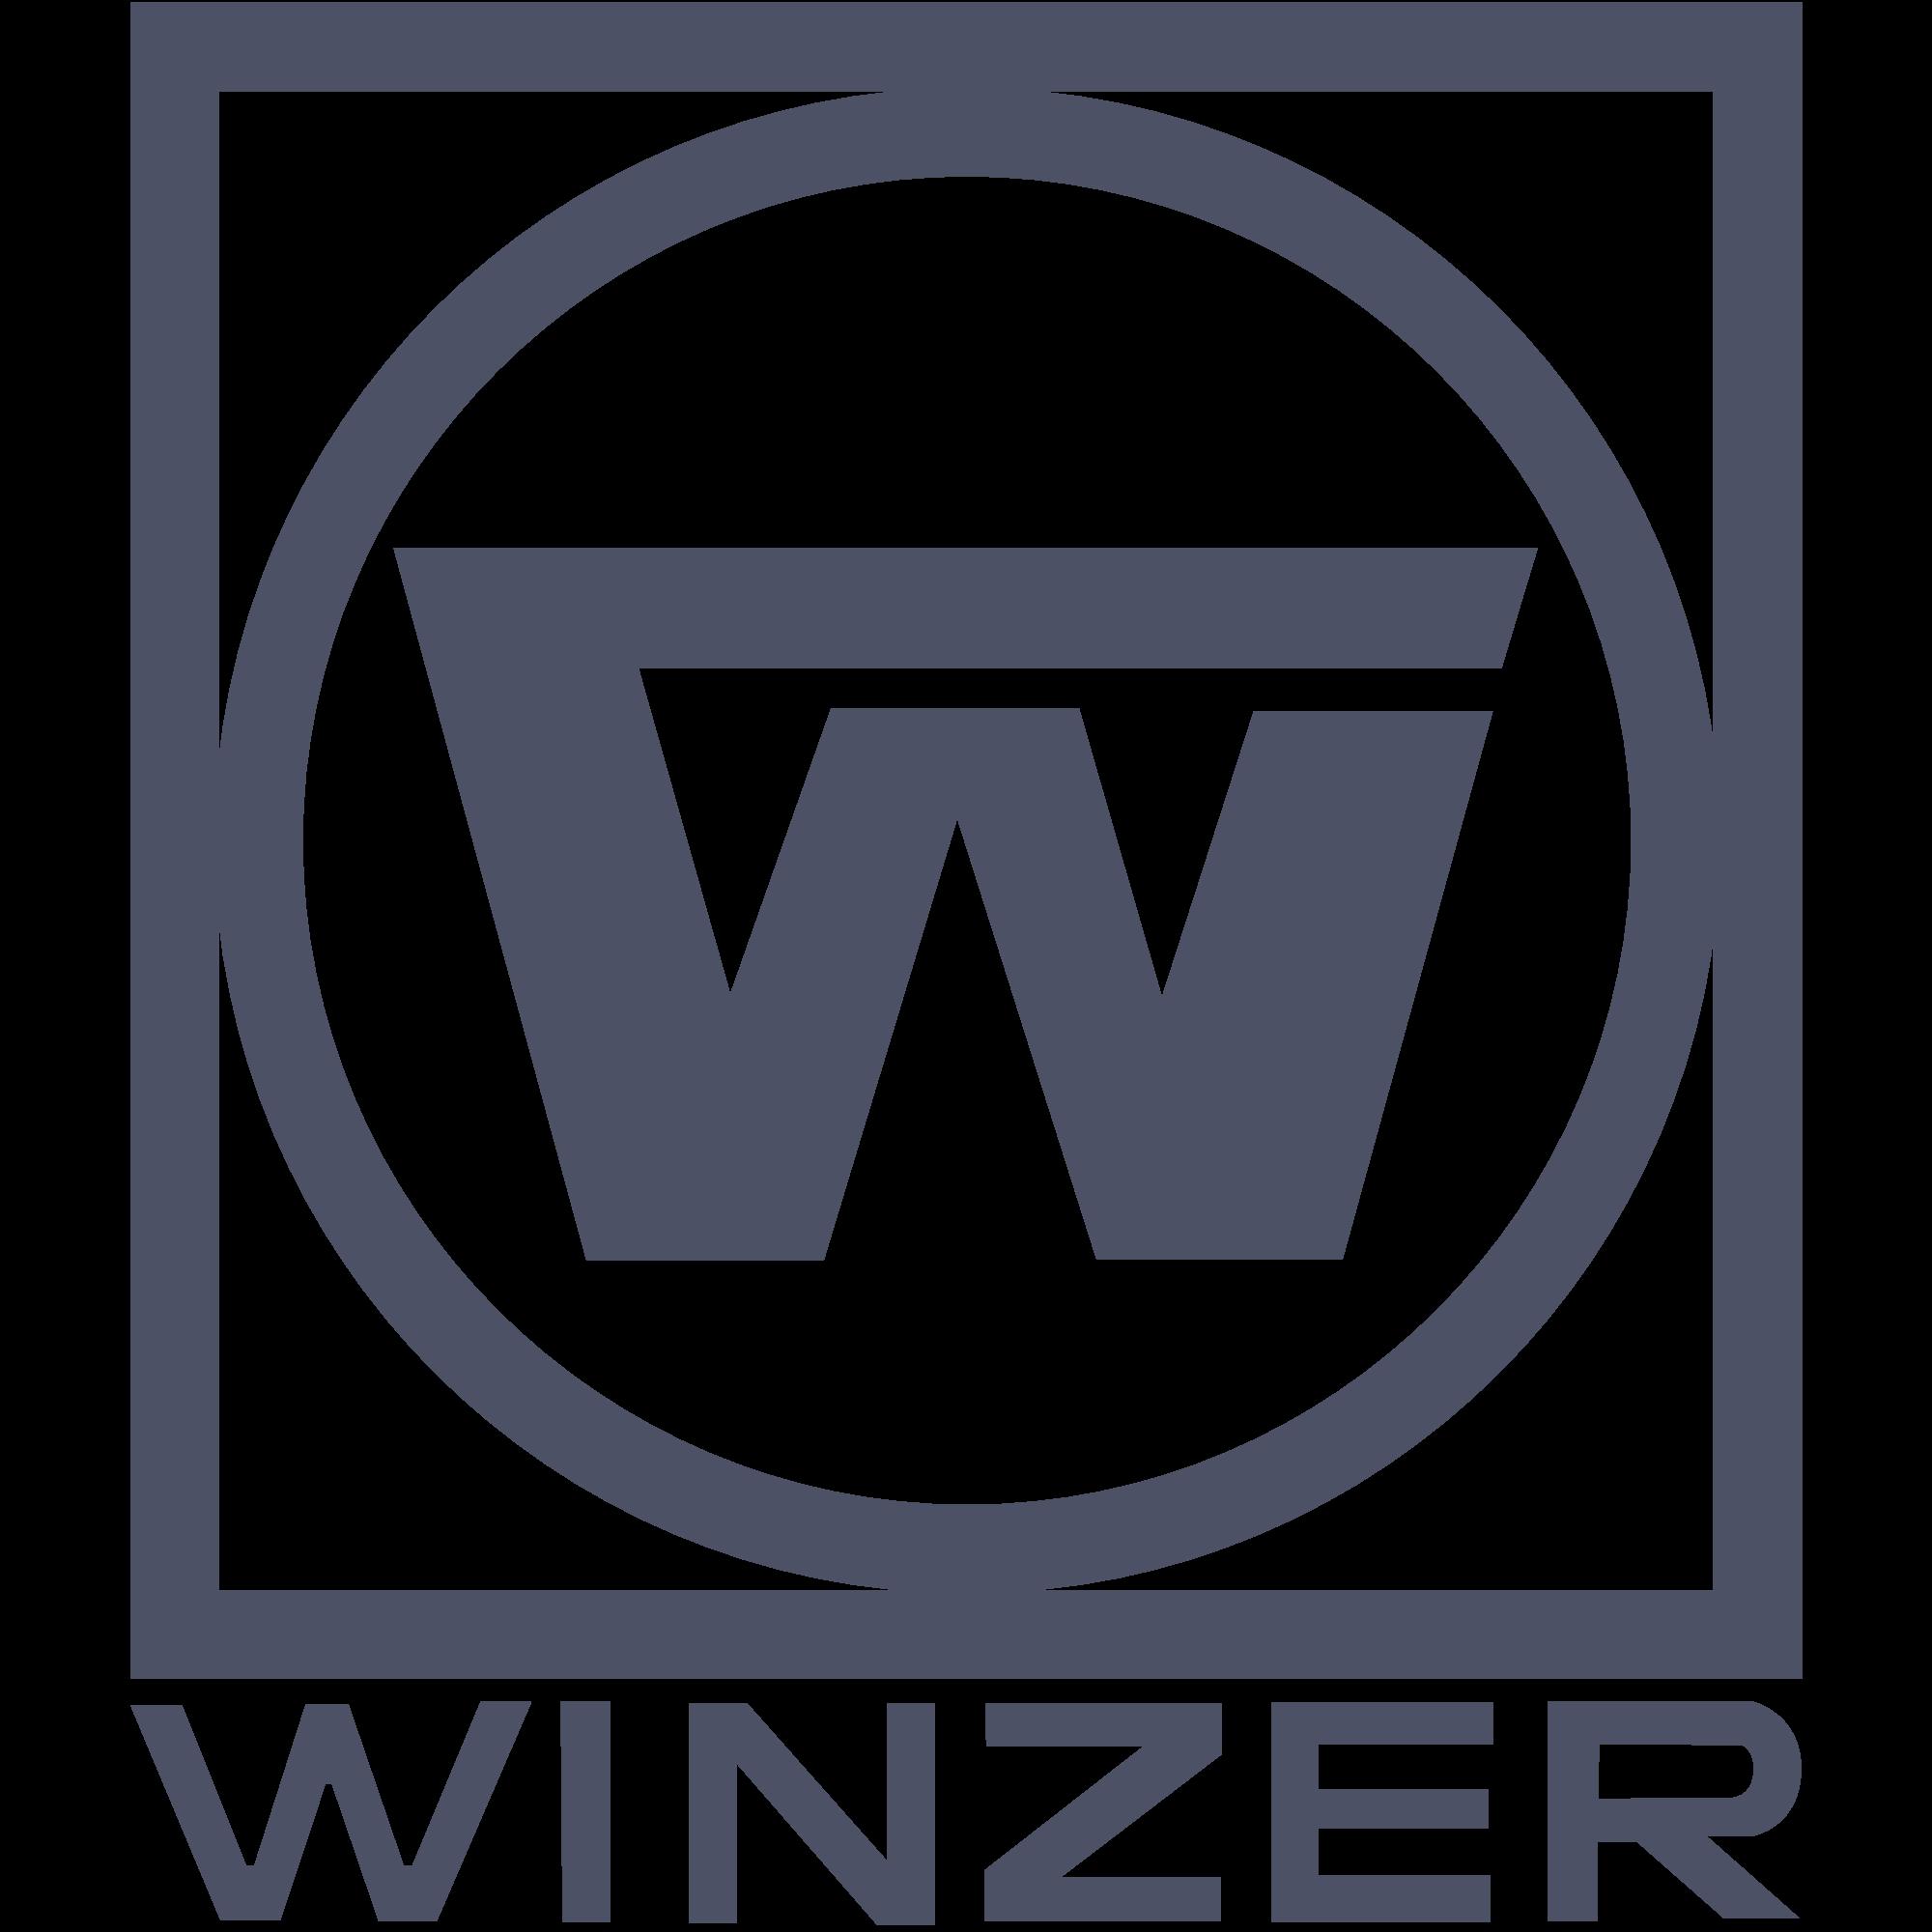 Winzer_W_mit_WINZER_Quadrat_grey_2000x2000